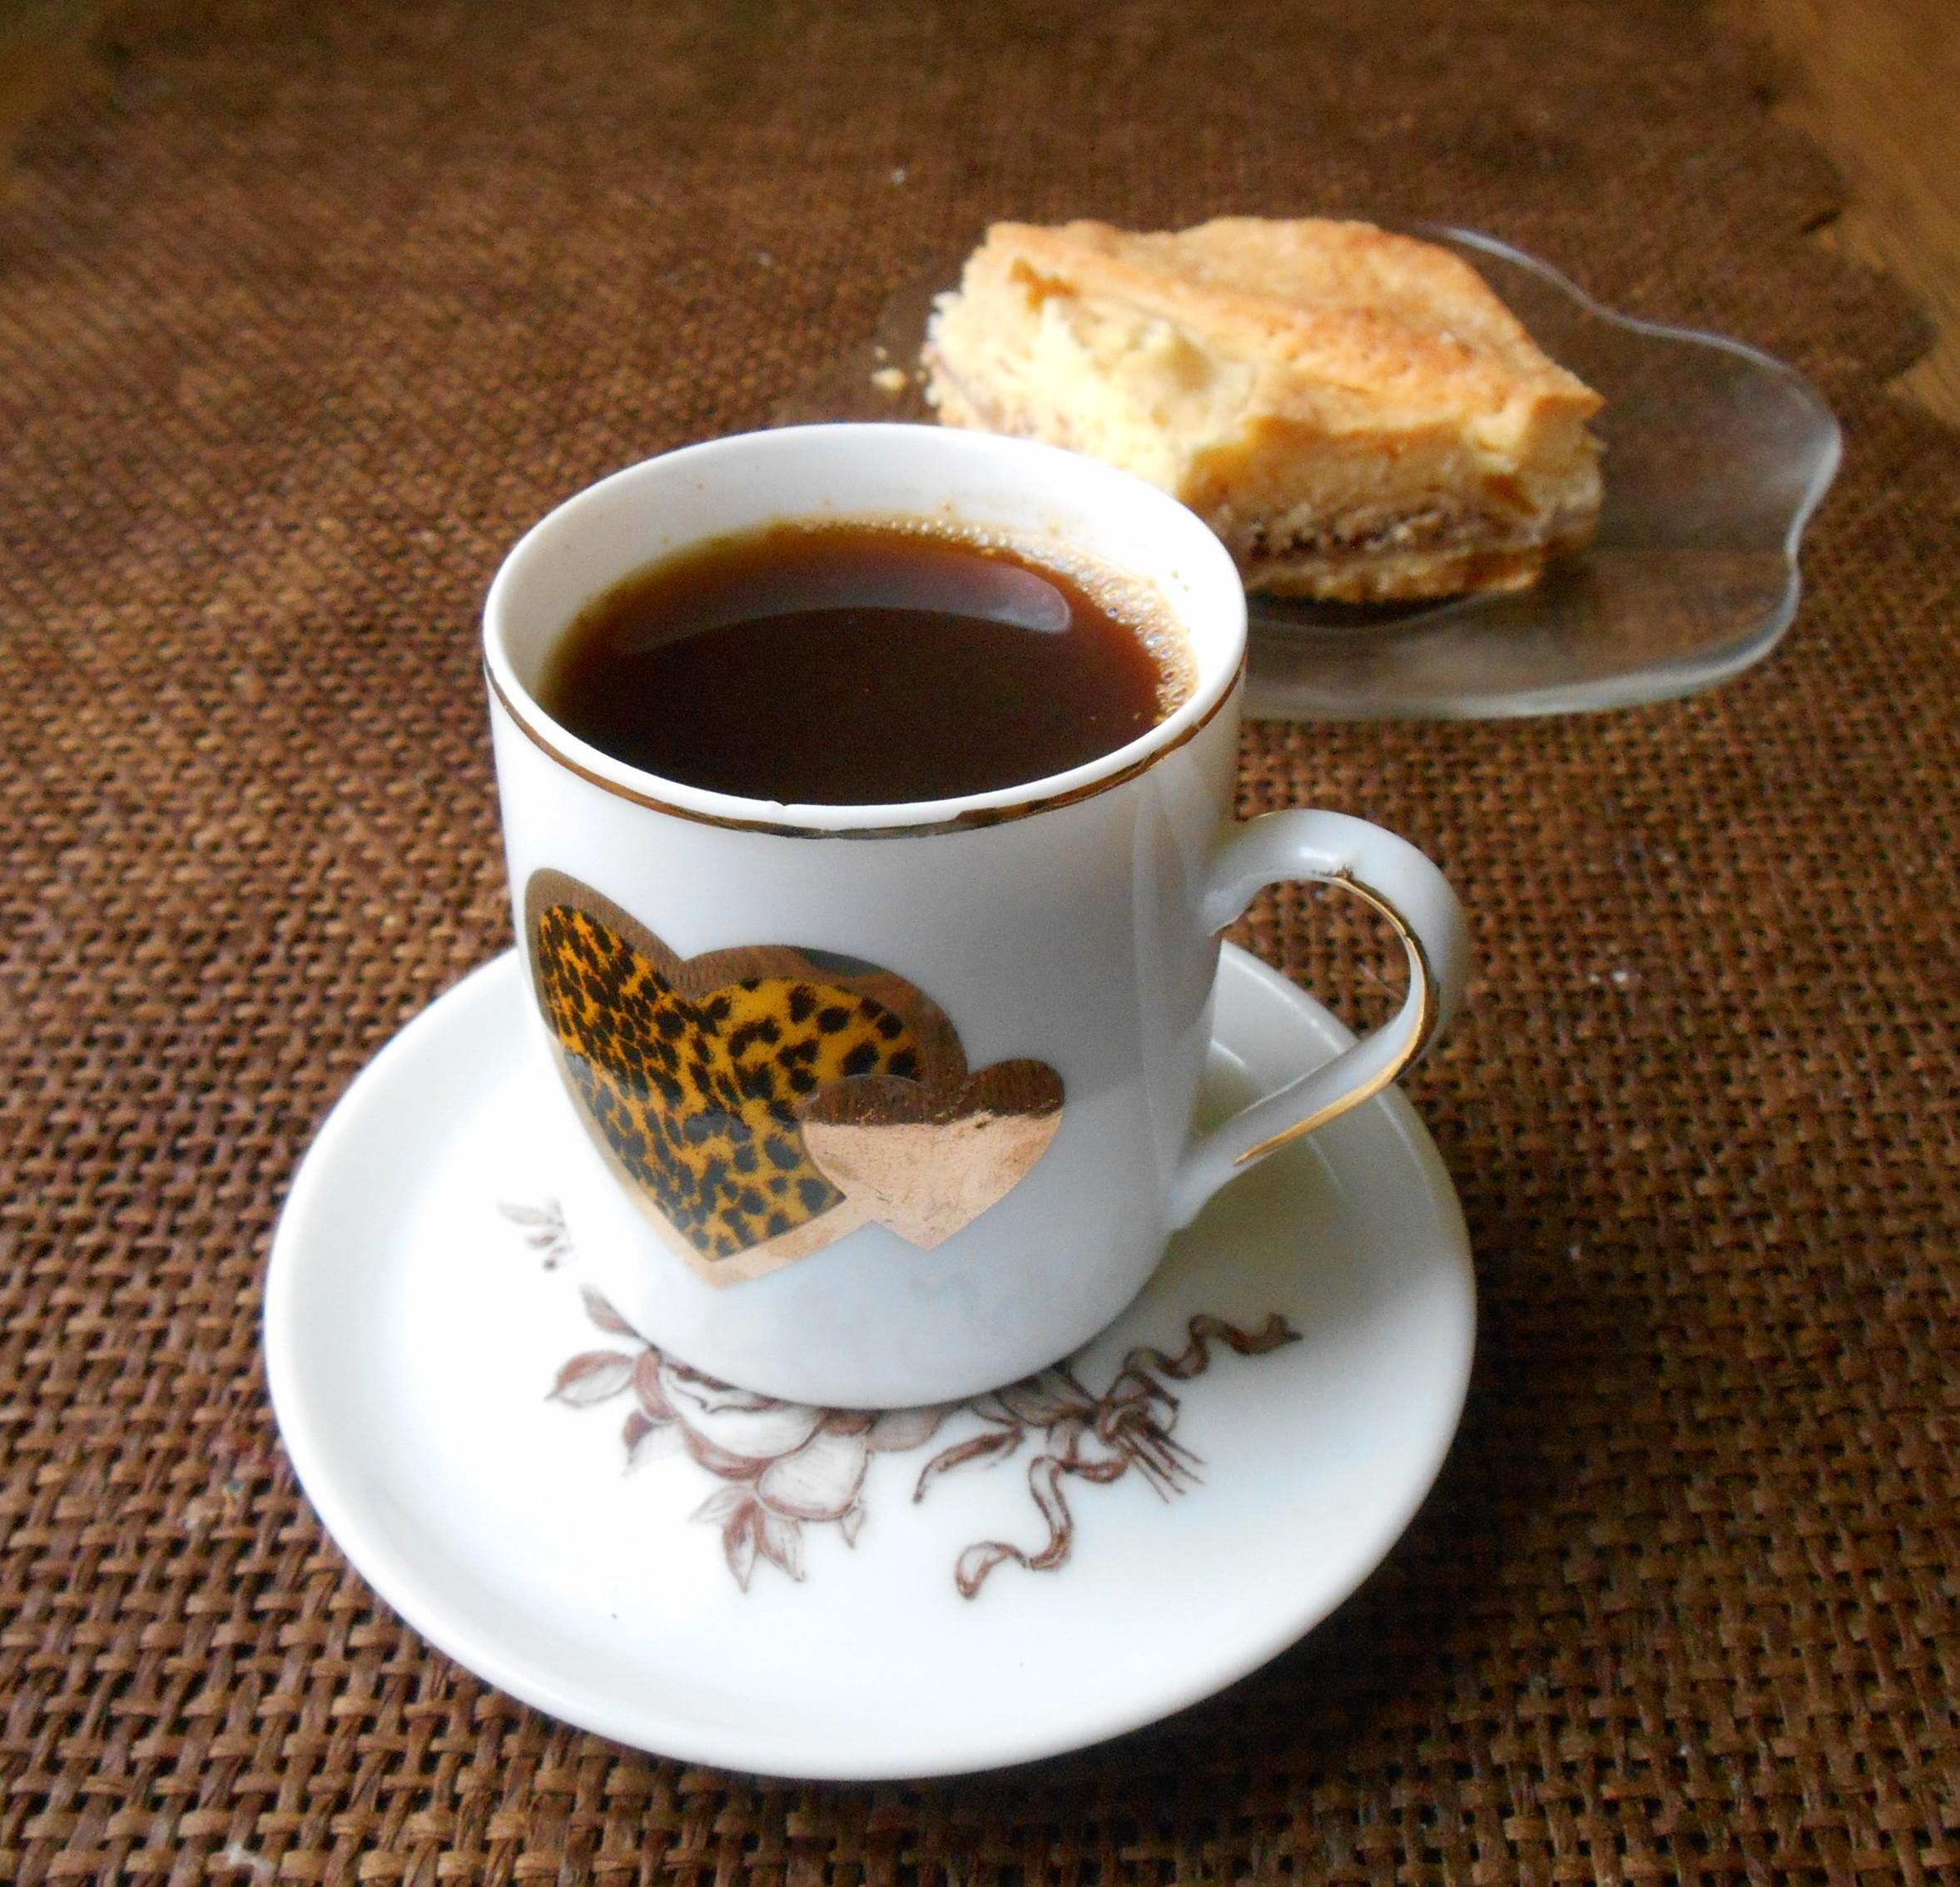 kawa po turecku z imbirem przyslijprzepispl